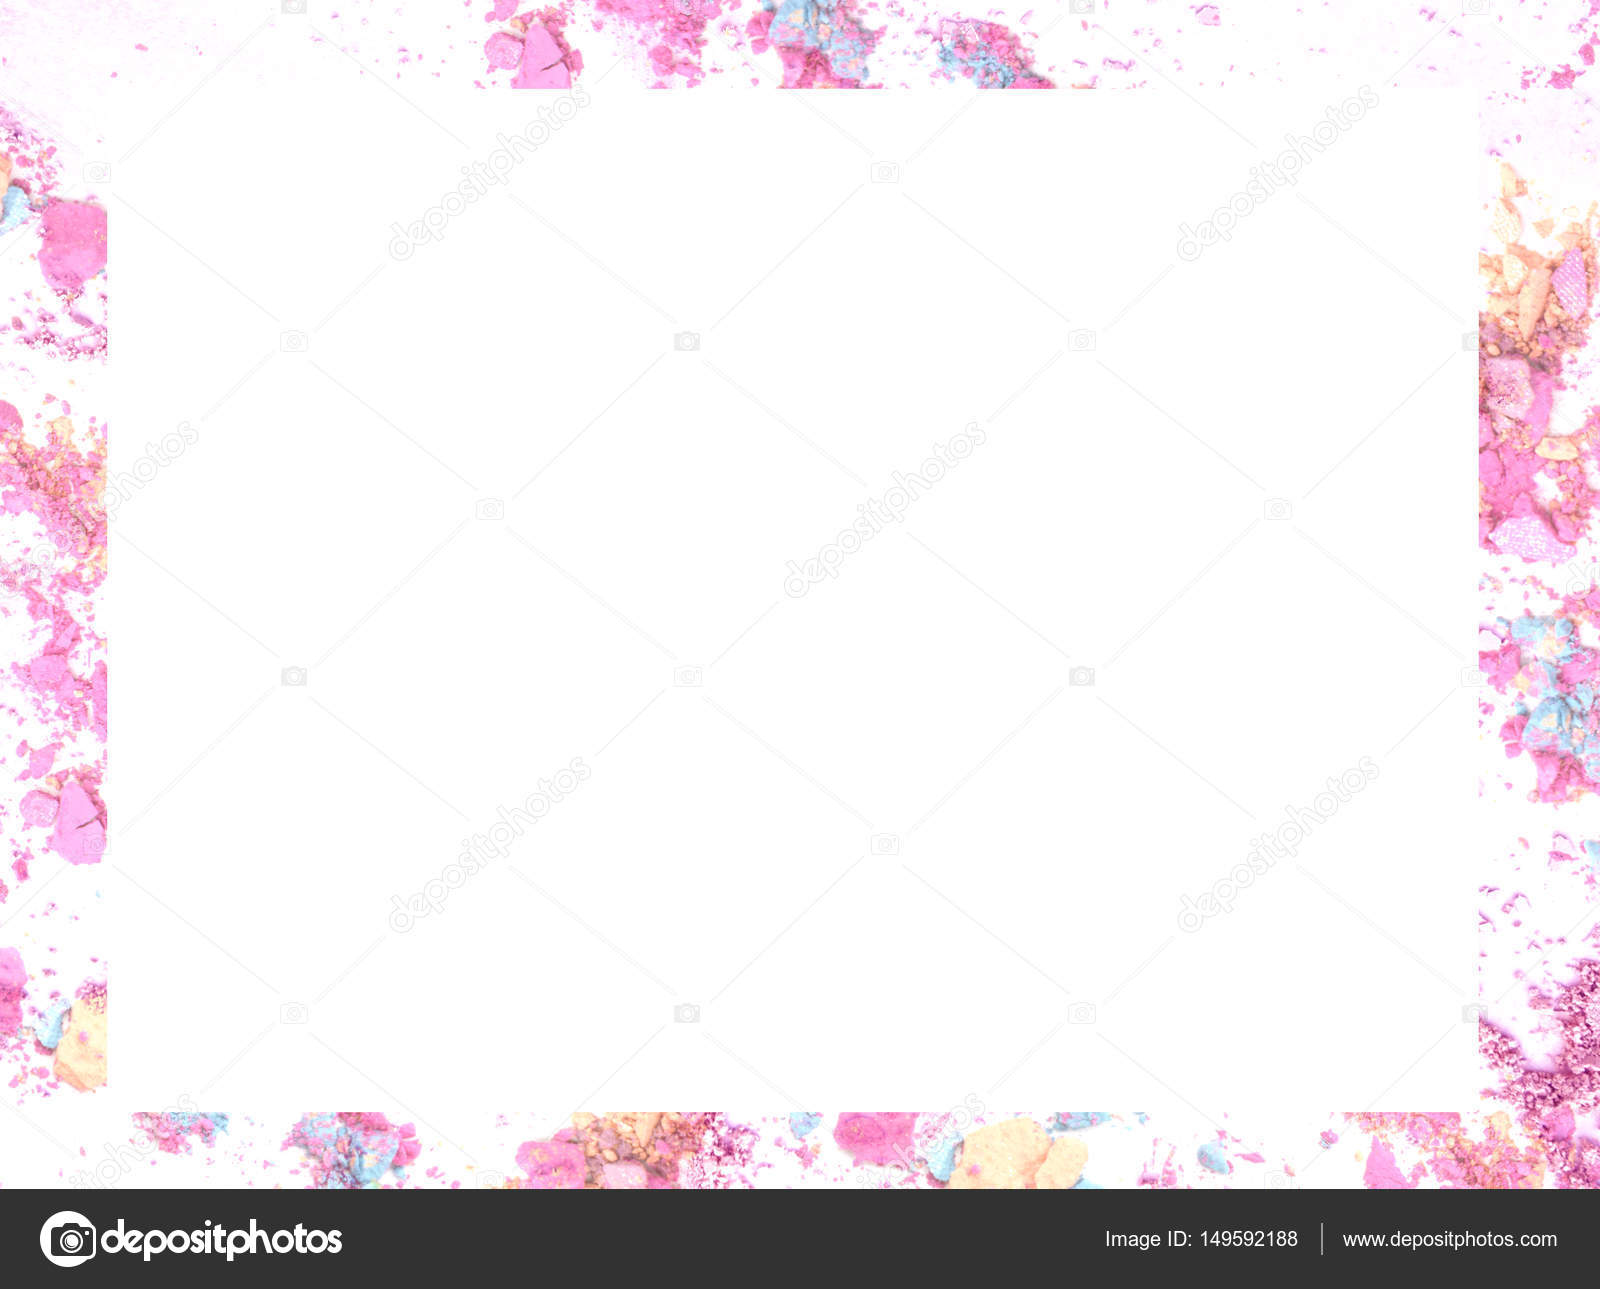 Zerkleinerte Make up Farbe Rahmen und Rand mit Leerzeichen für ...